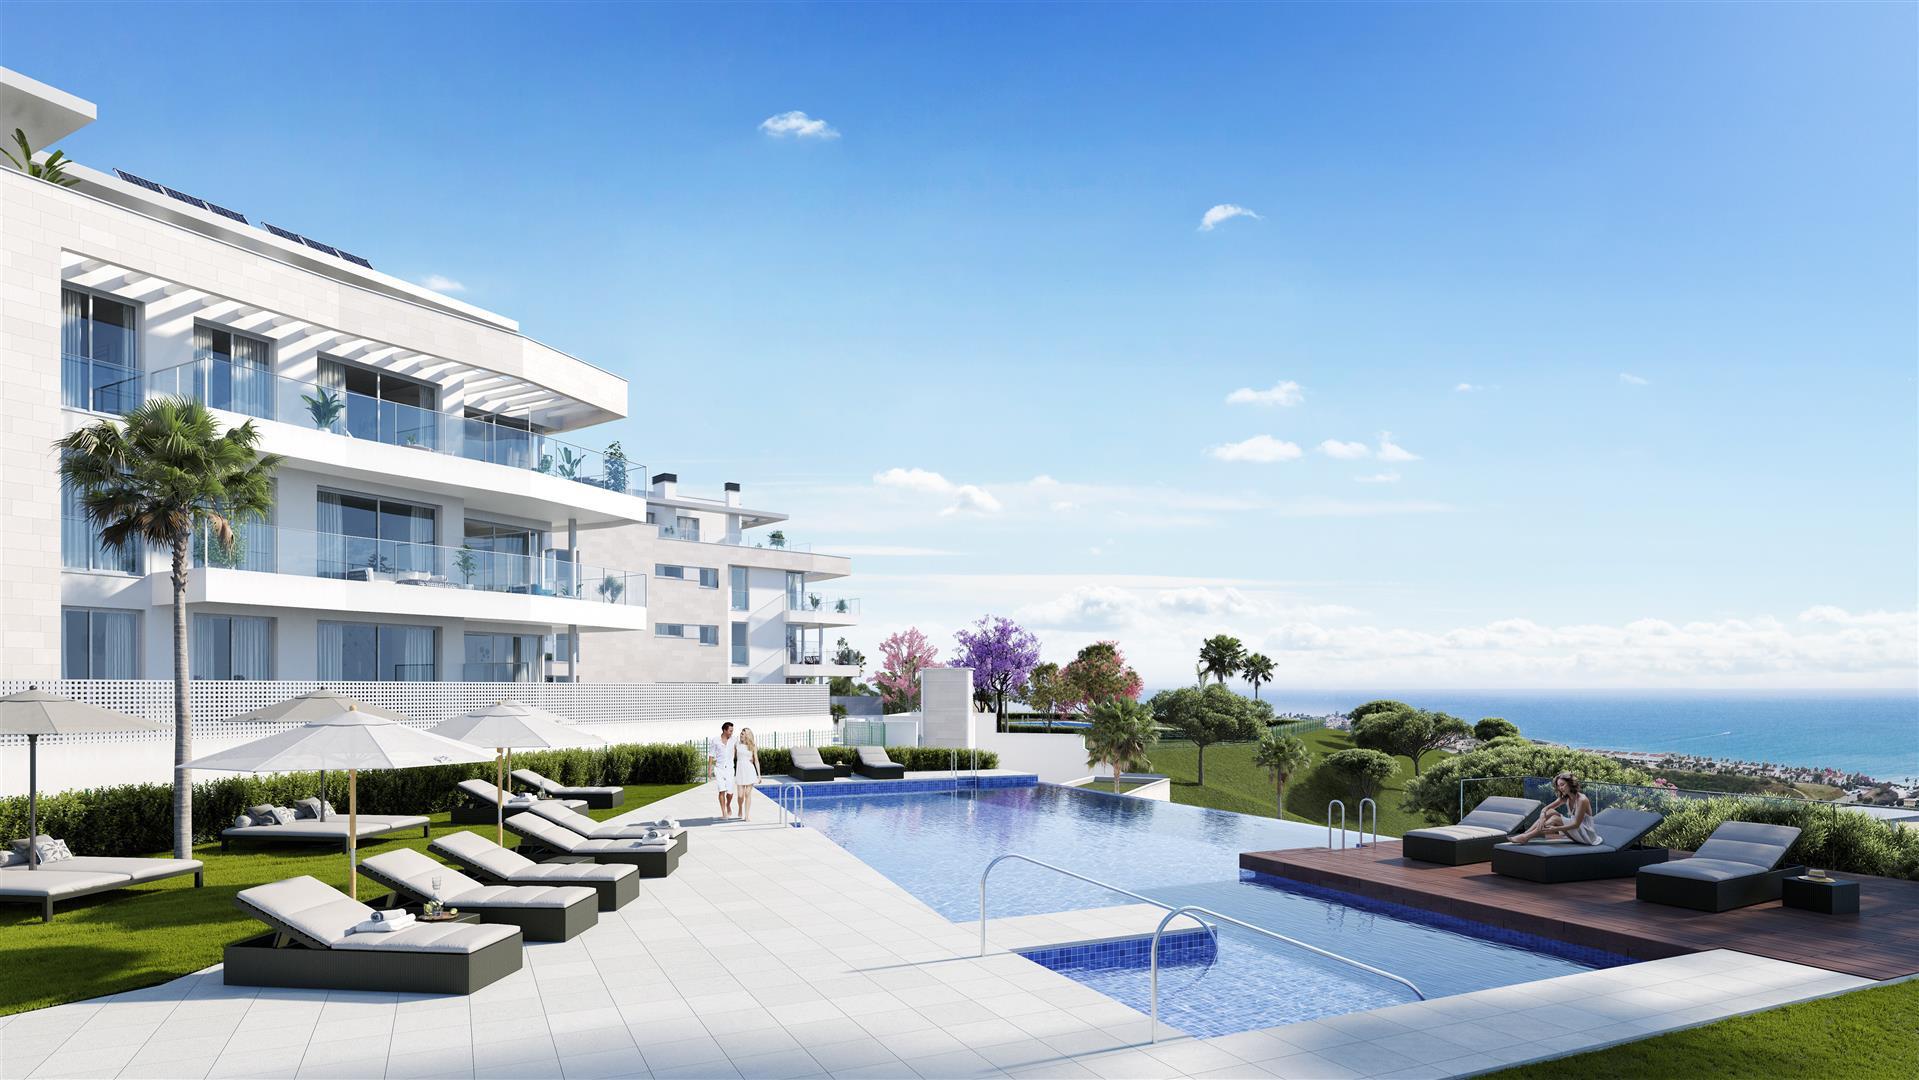 moderne appartementen te koop in Mijas Costa Costa del Sol